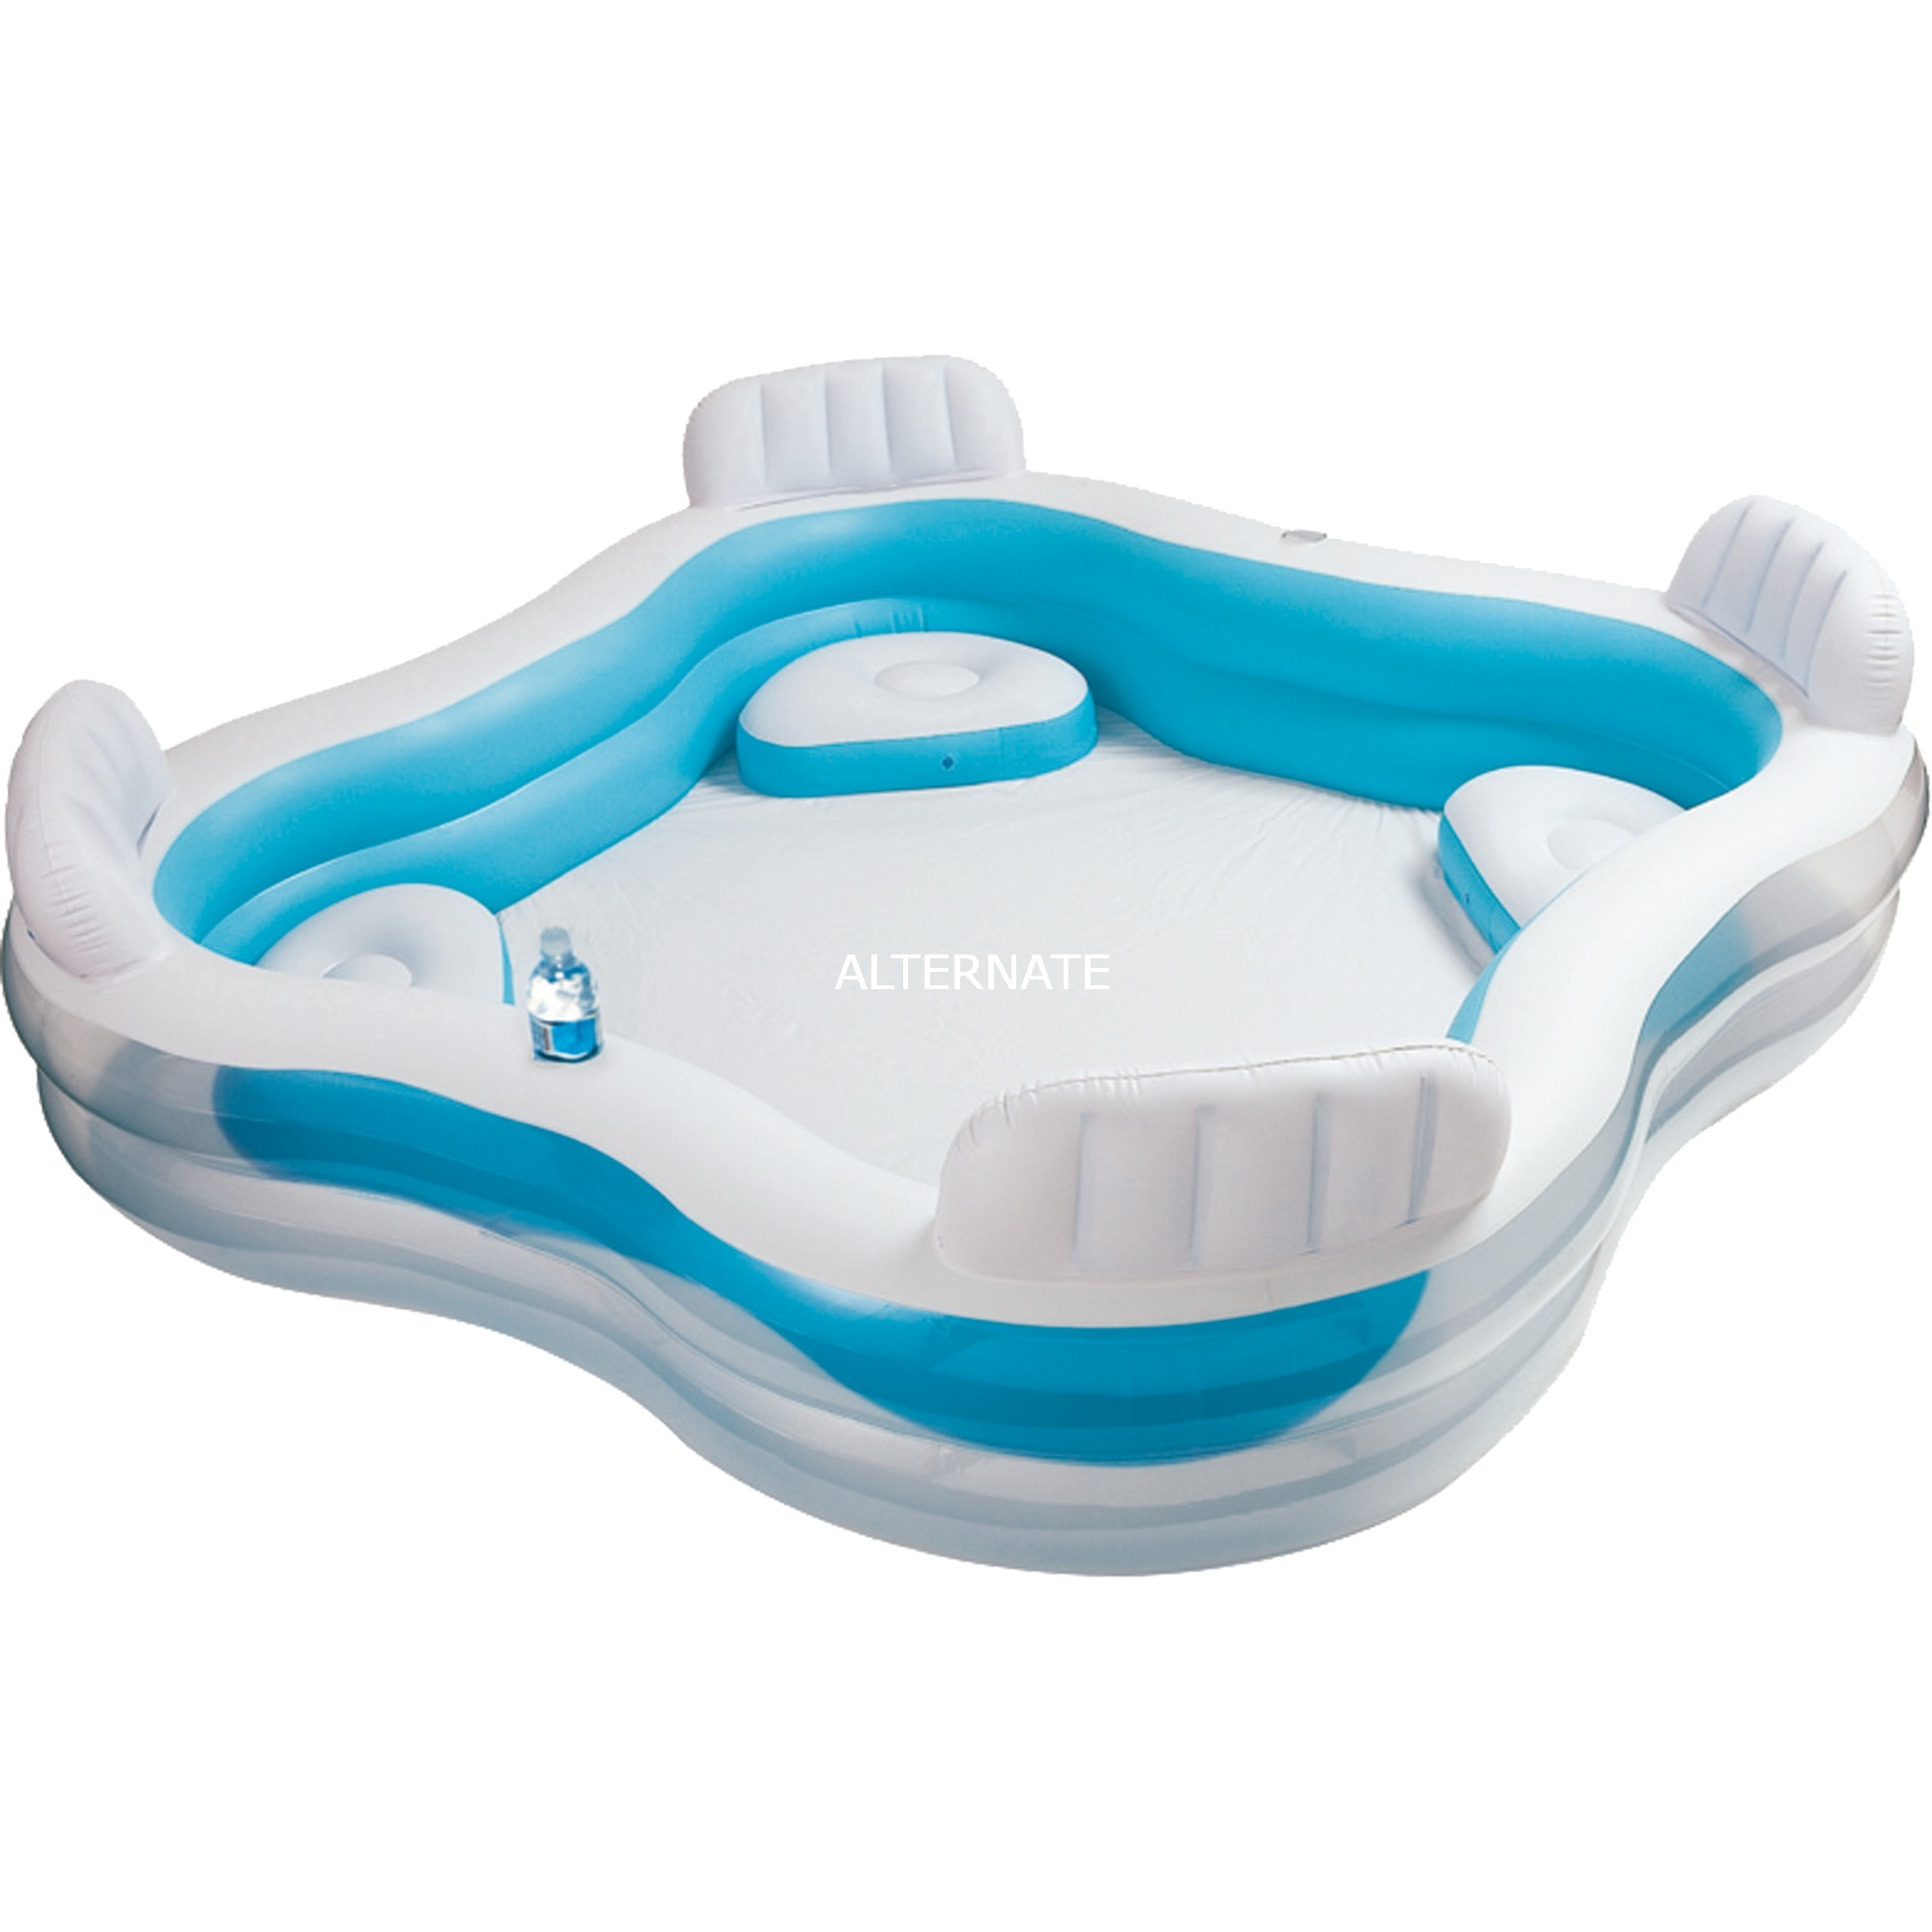 56475-rectangular-pool-swimmingpool-til-over-jorden-swimming-pool